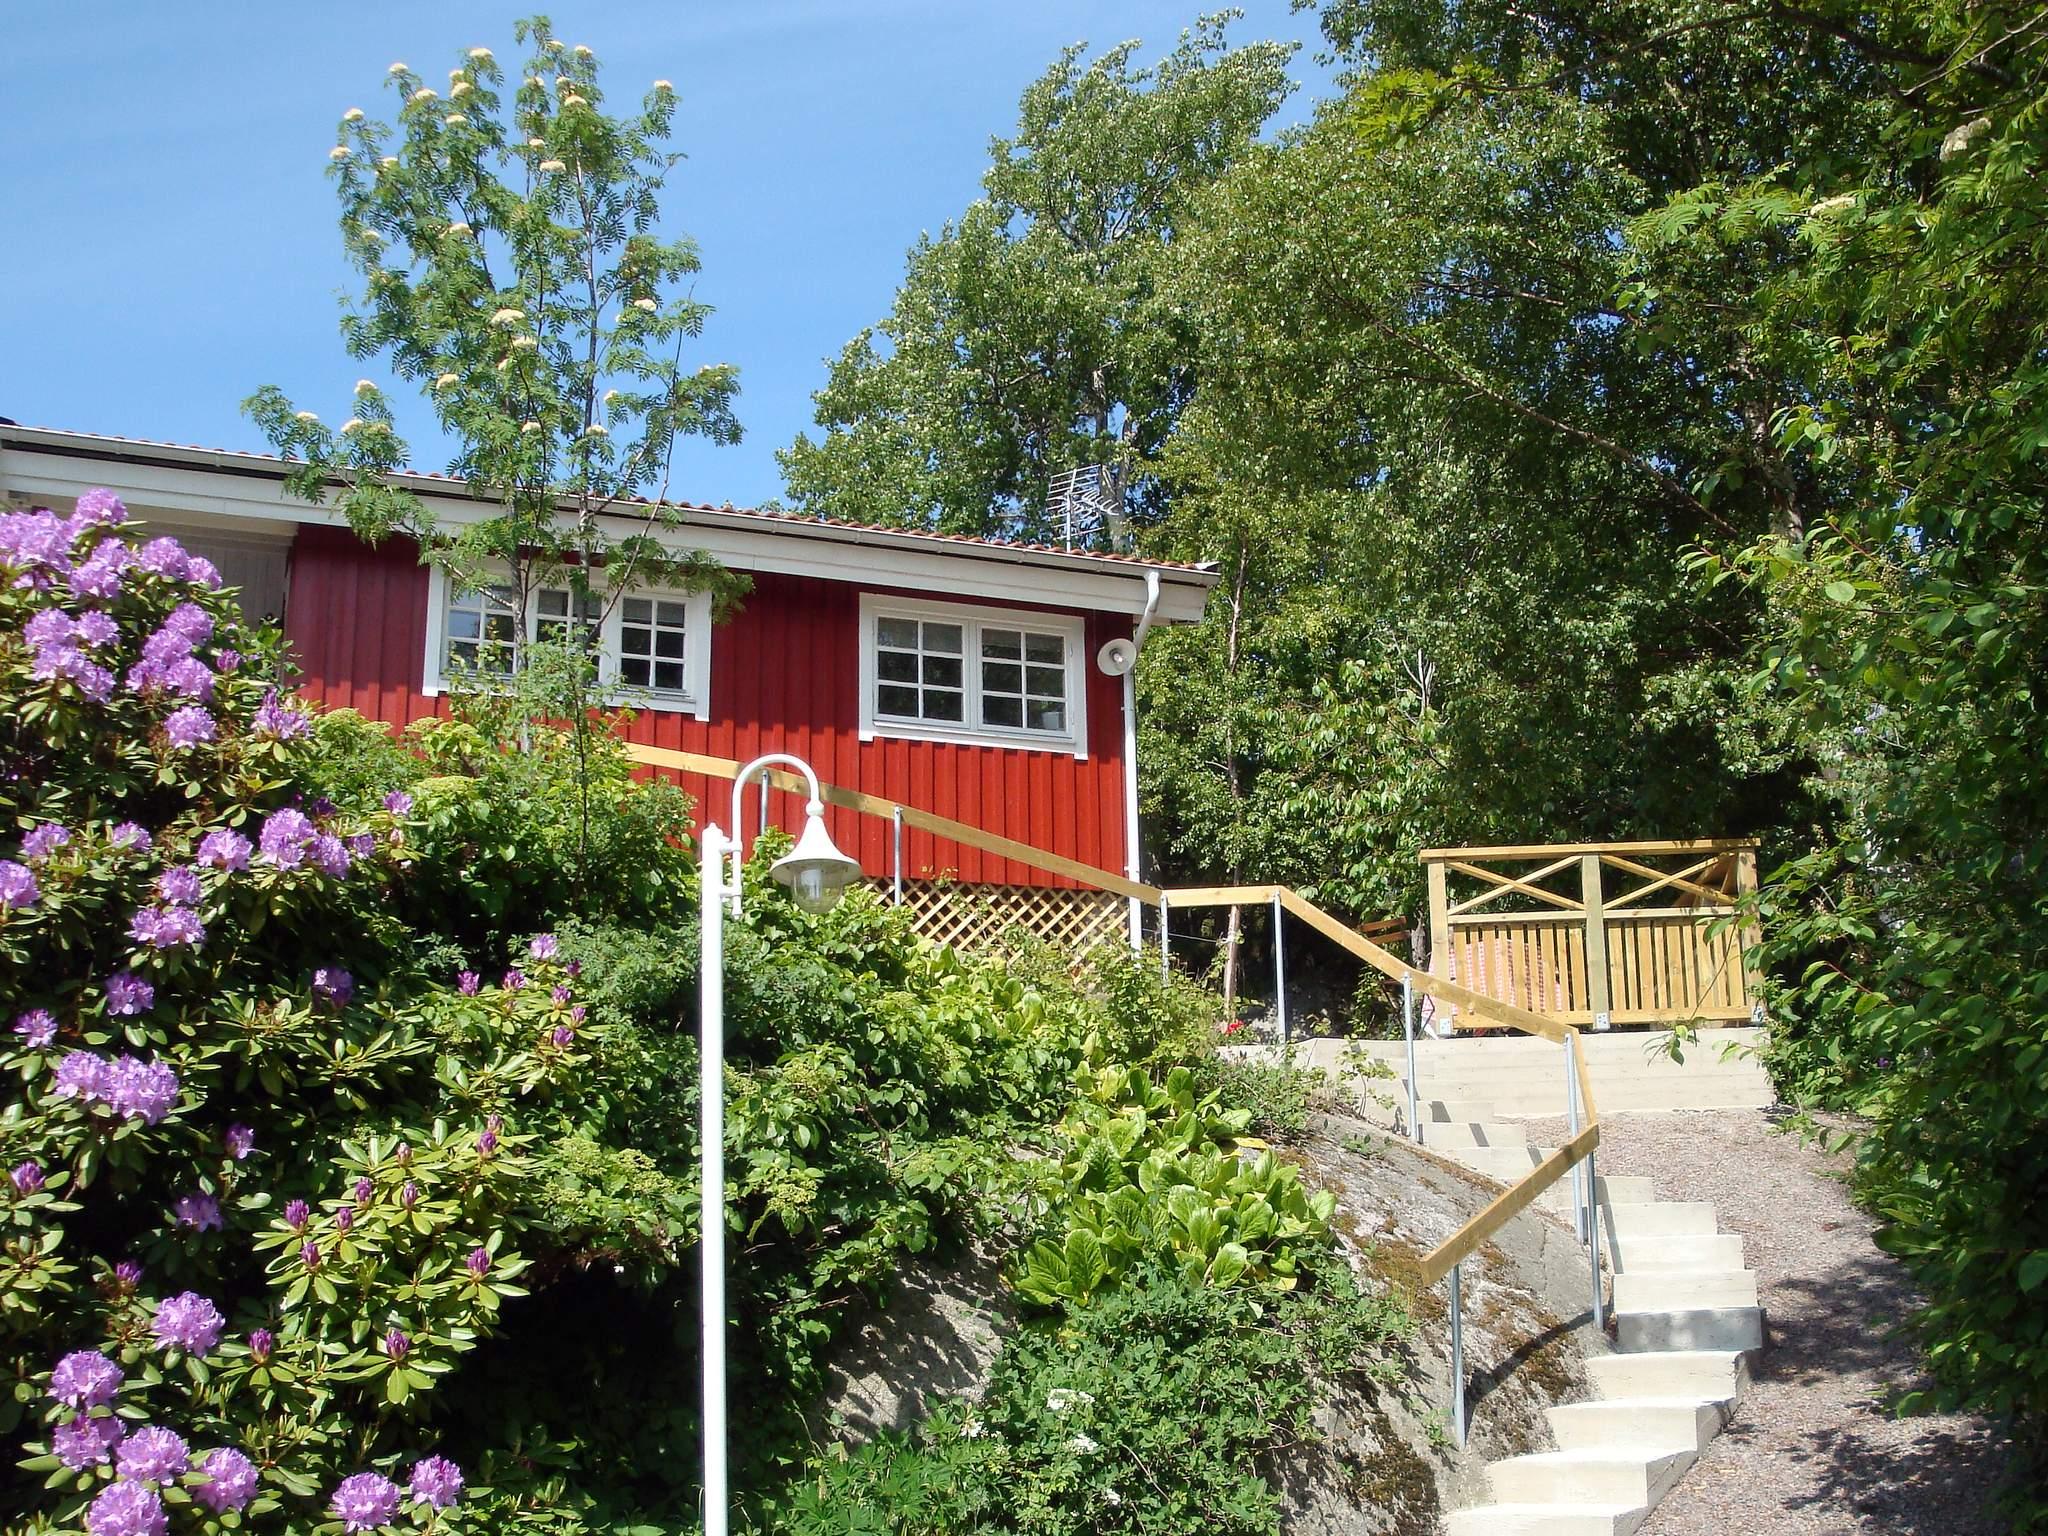 Ferienhaus Billdal (402816), Billdal, Hallands län, Südschweden, Schweden, Bild 9